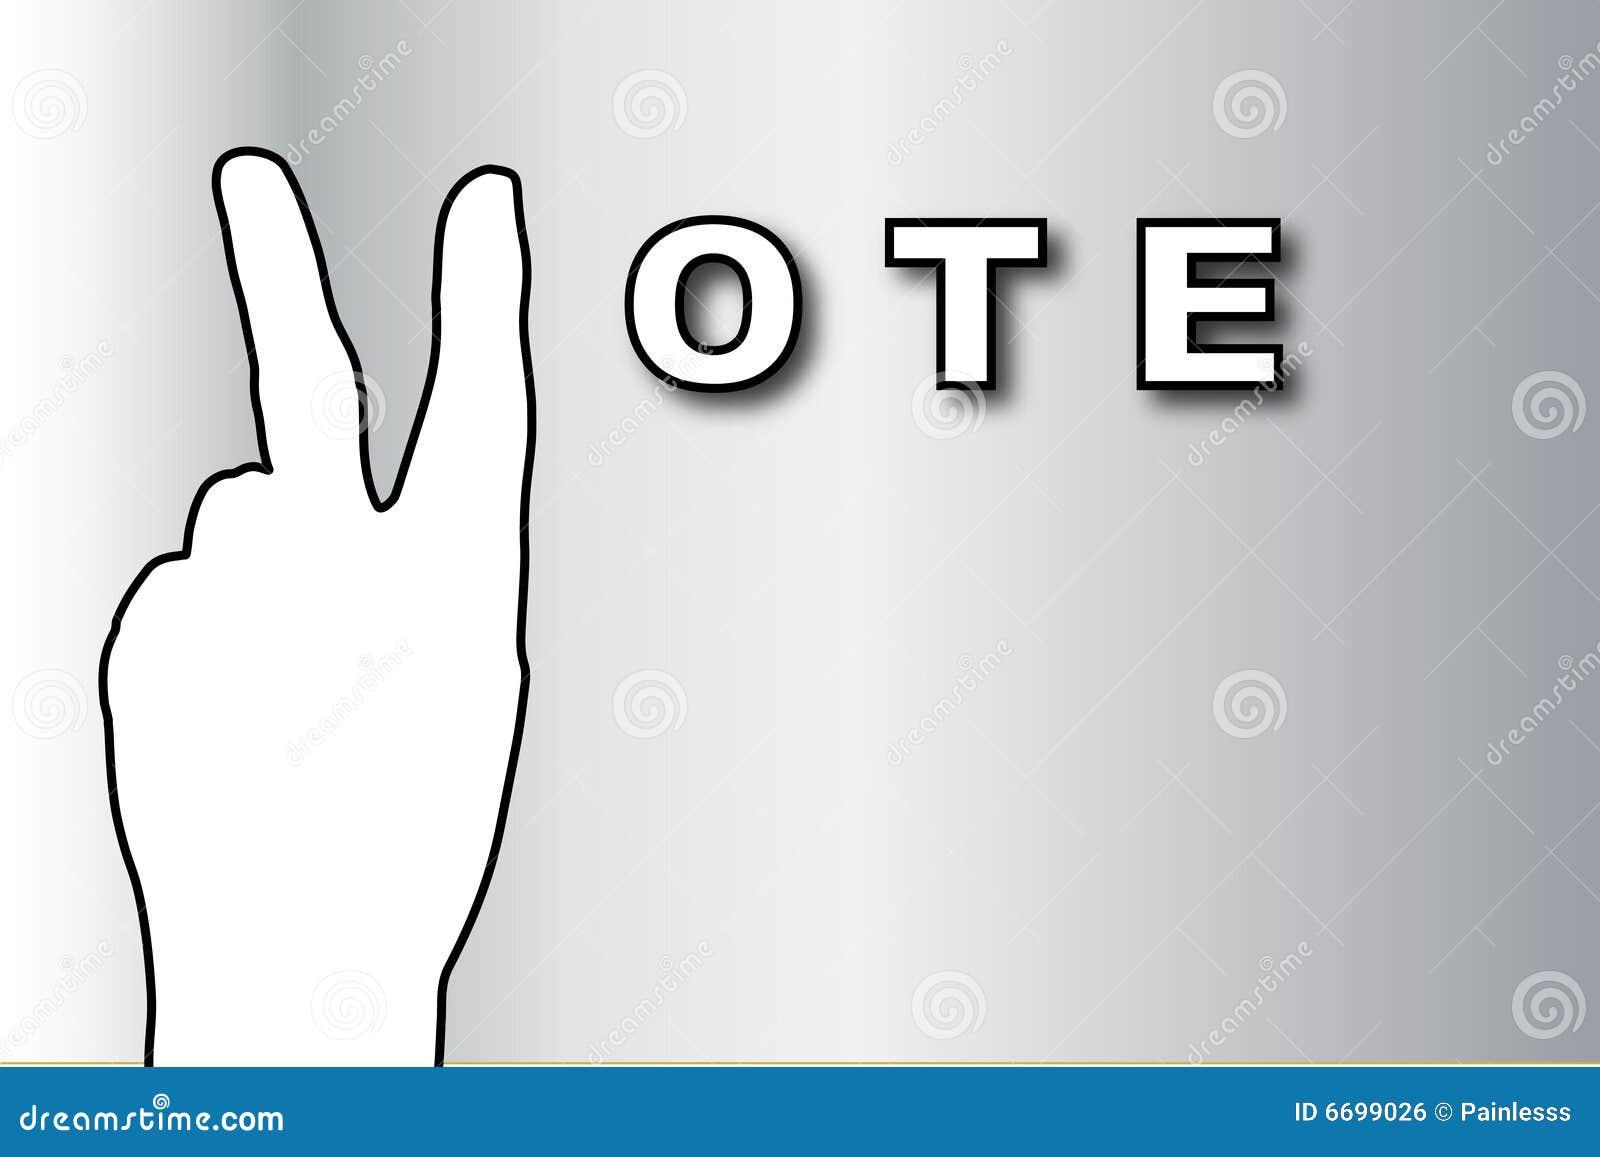 voten für griefergames